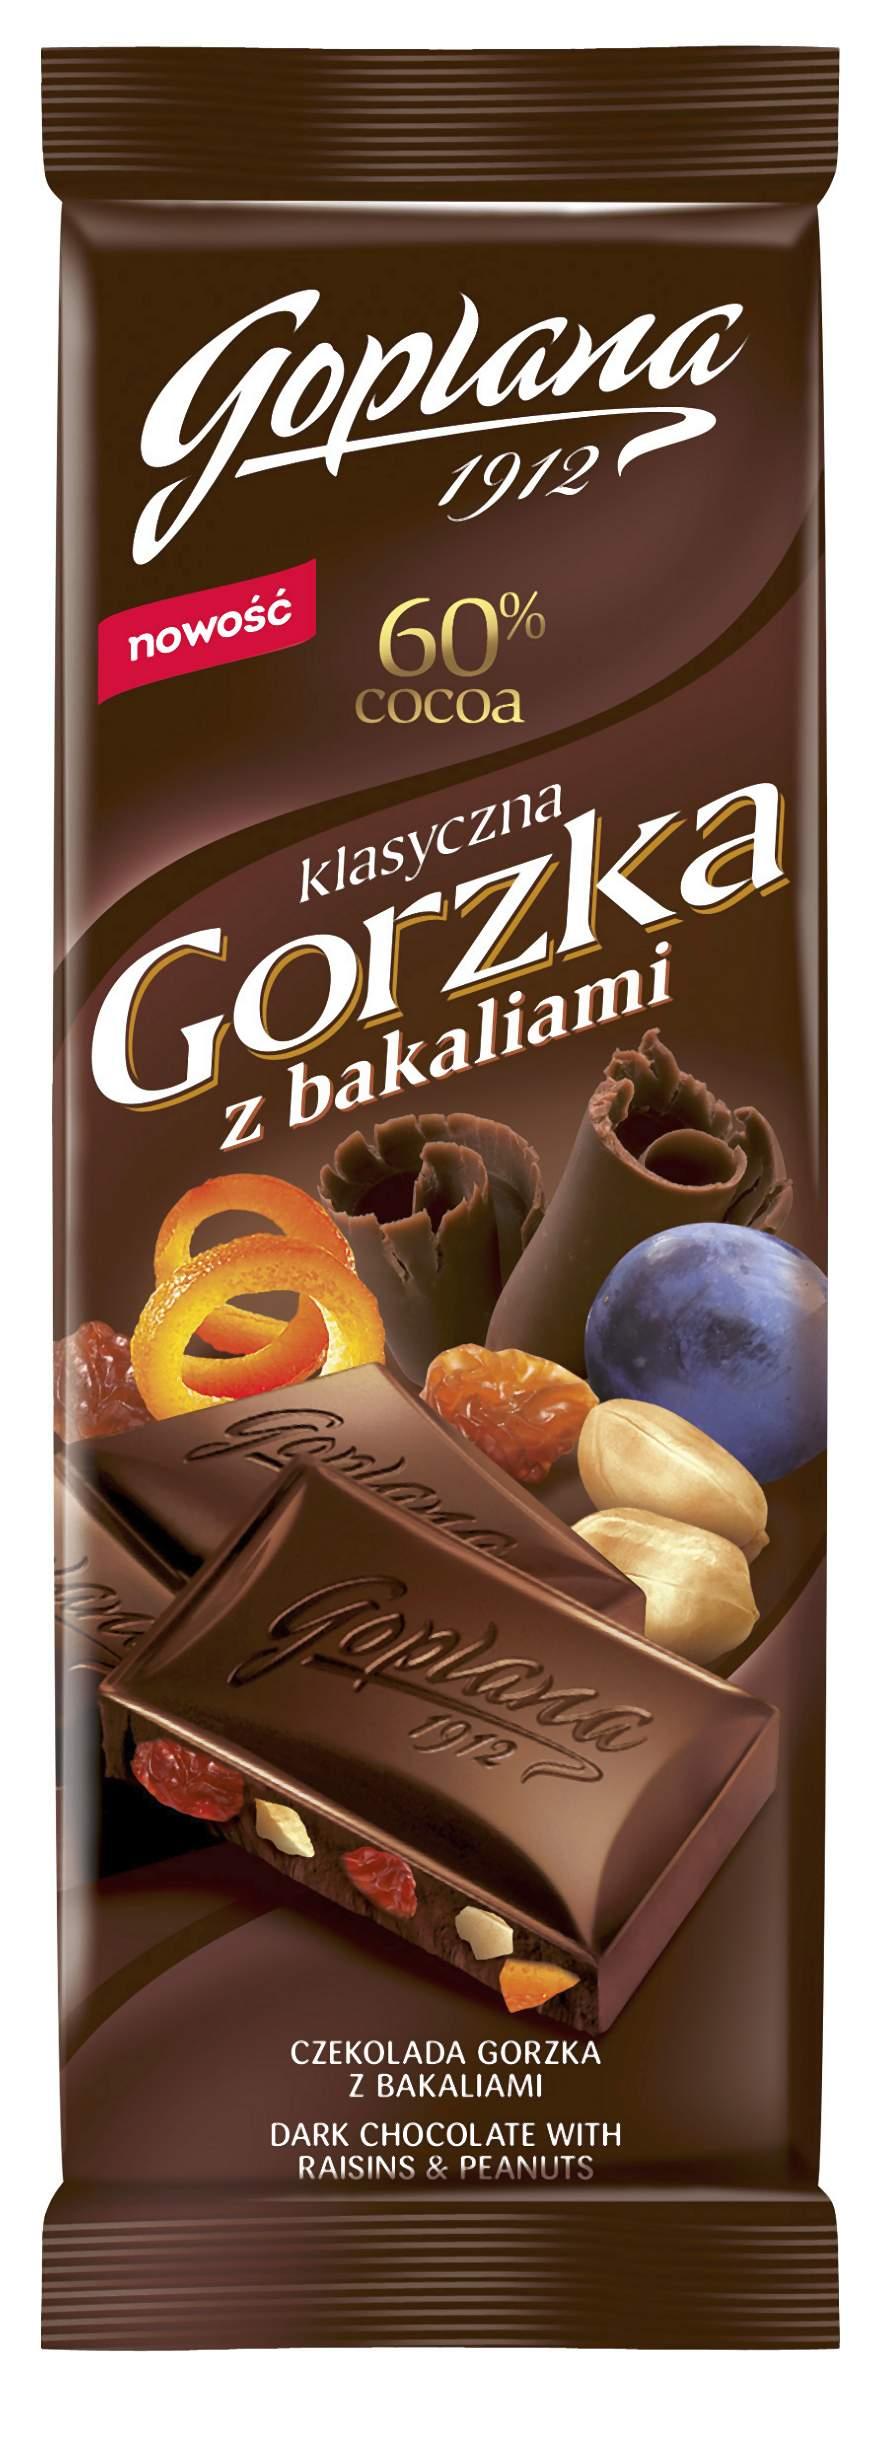 new_KLASYCZNA GORZKA_BAKALIE-001-2014-02-19 _ 15_32_32-75